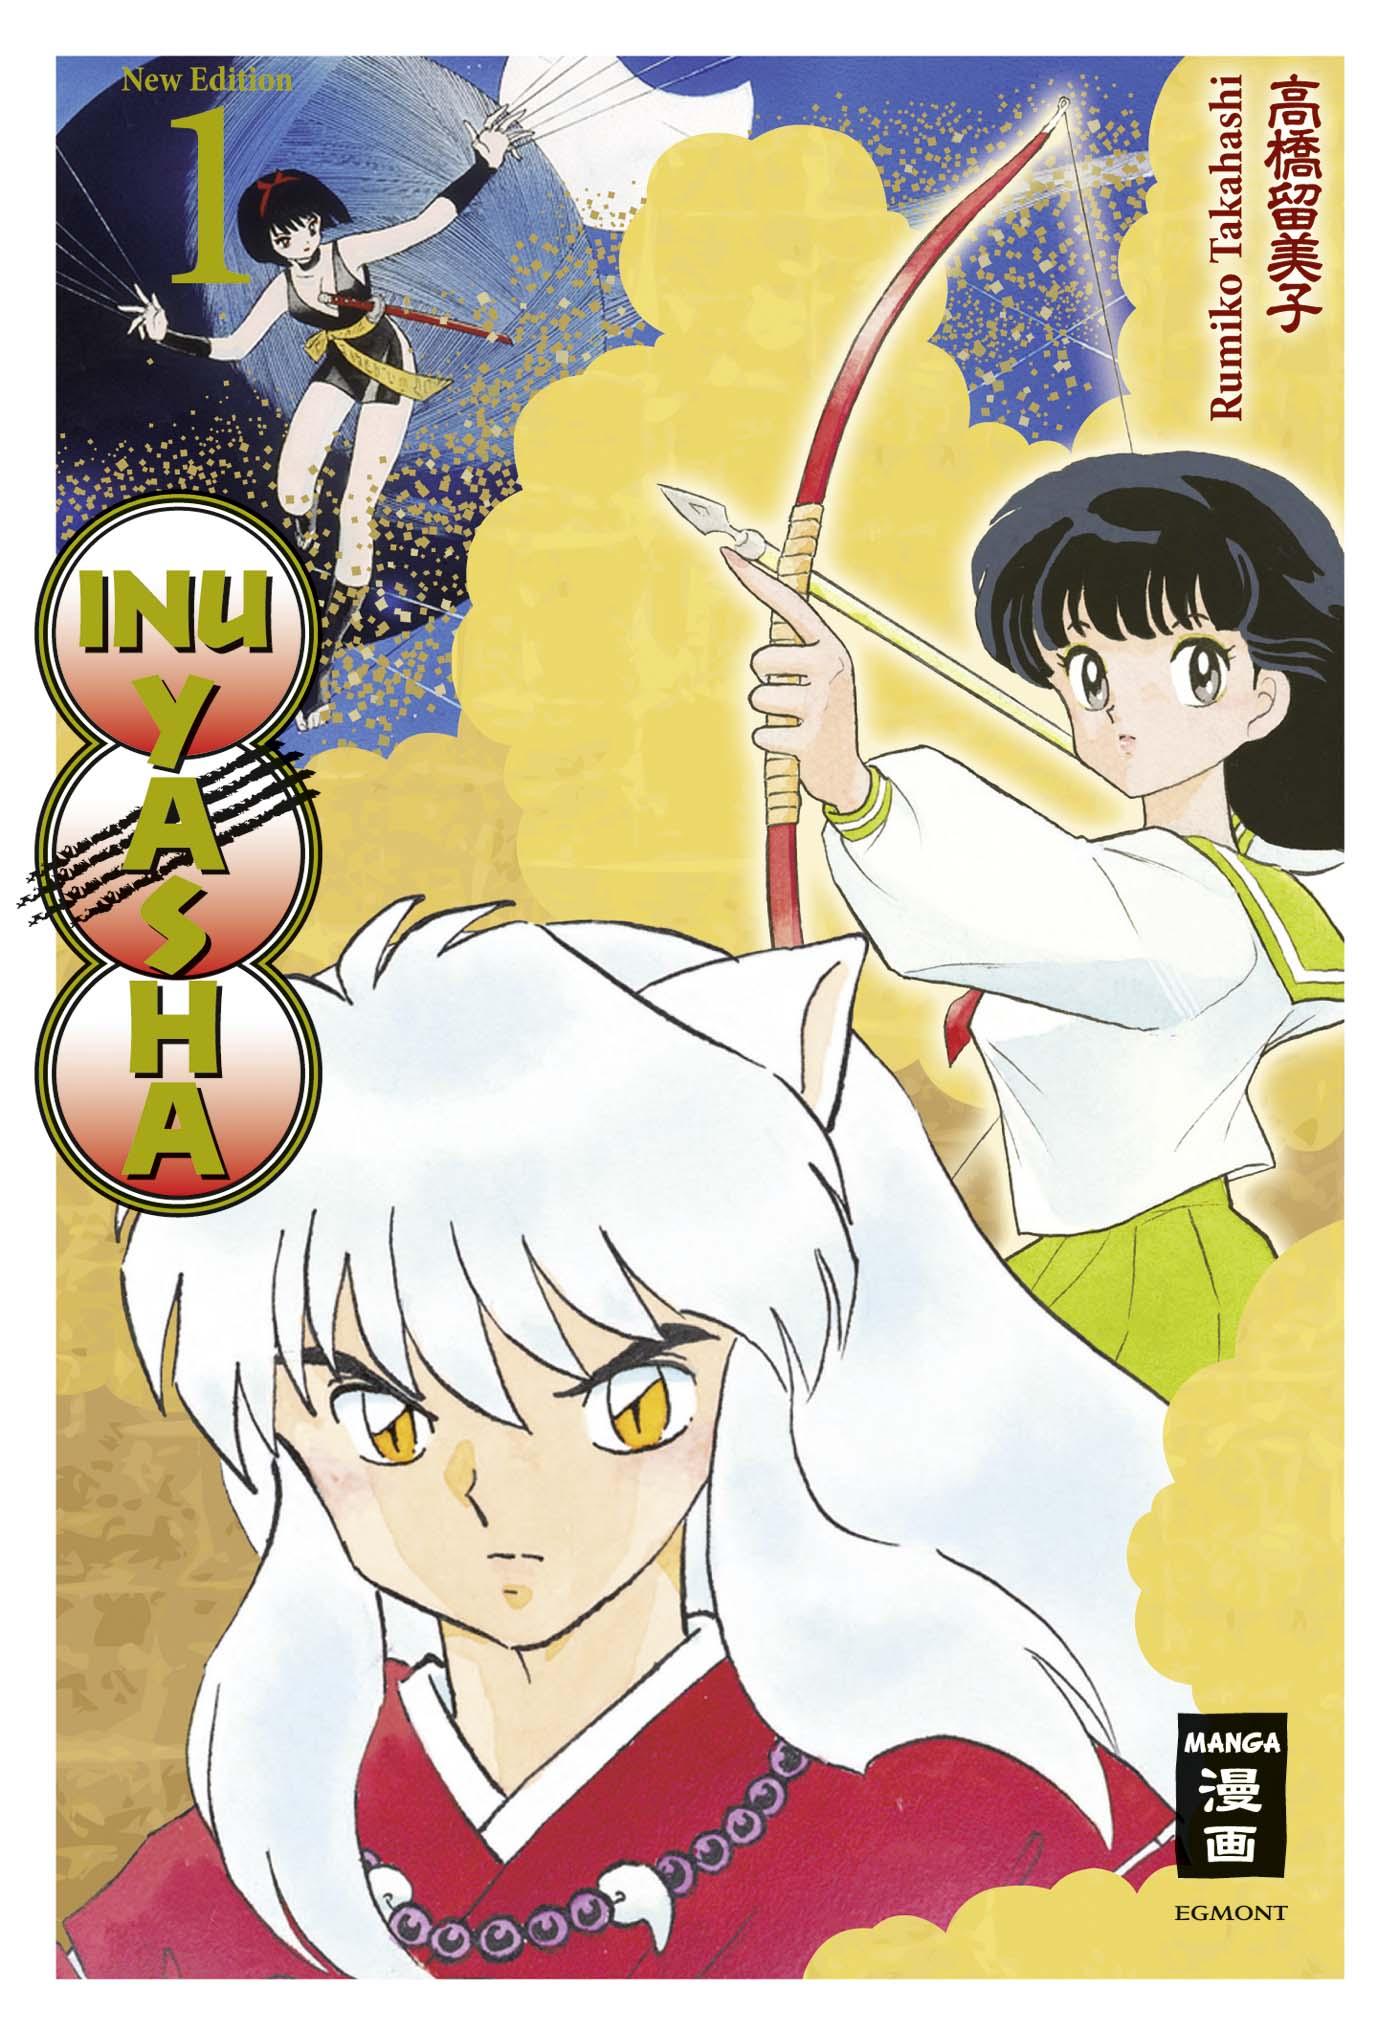 Inu Yasha New Edition 01 - Takahashi, Rumiko